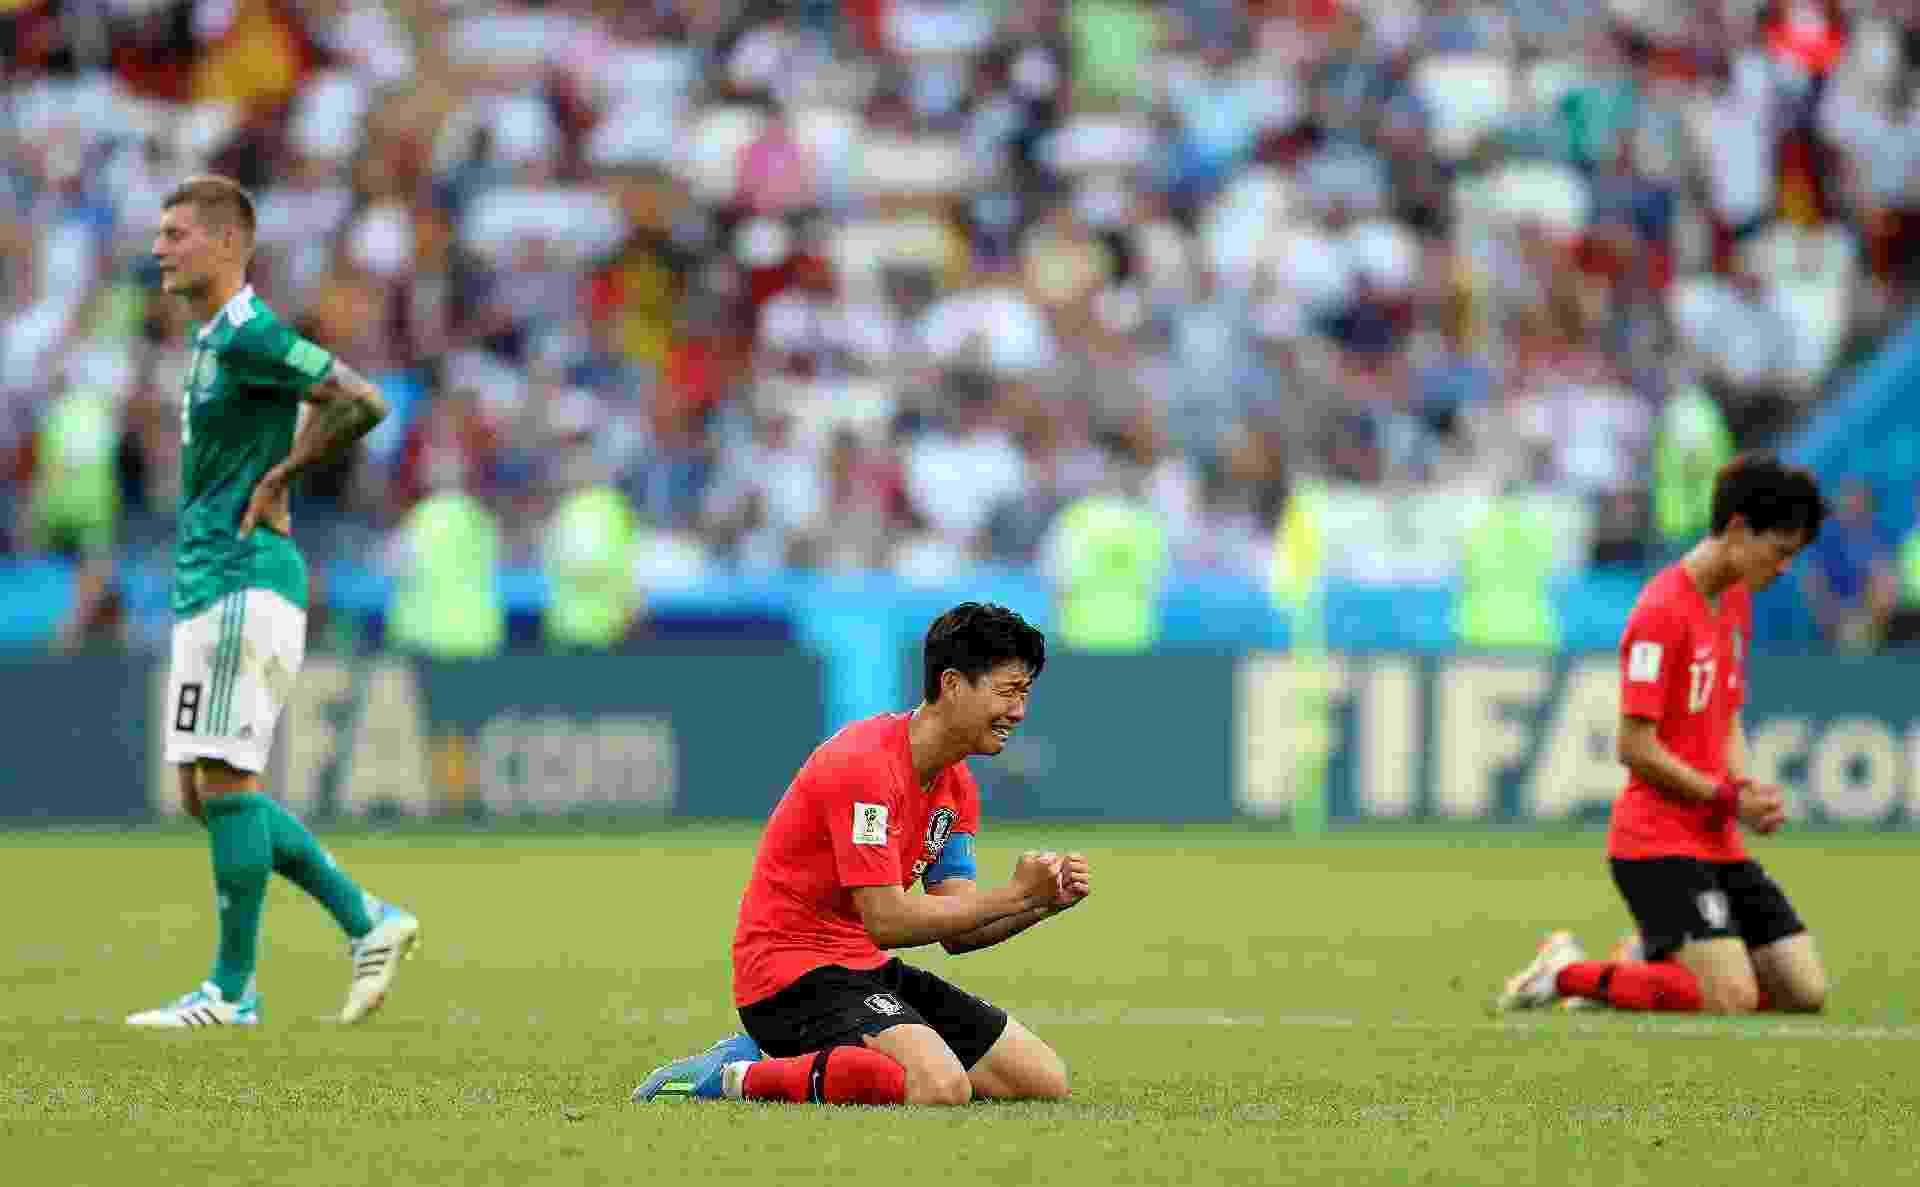 Son Heung-Min chora após vitória da Coreia do Sul contra a Alemanha - Getty Images